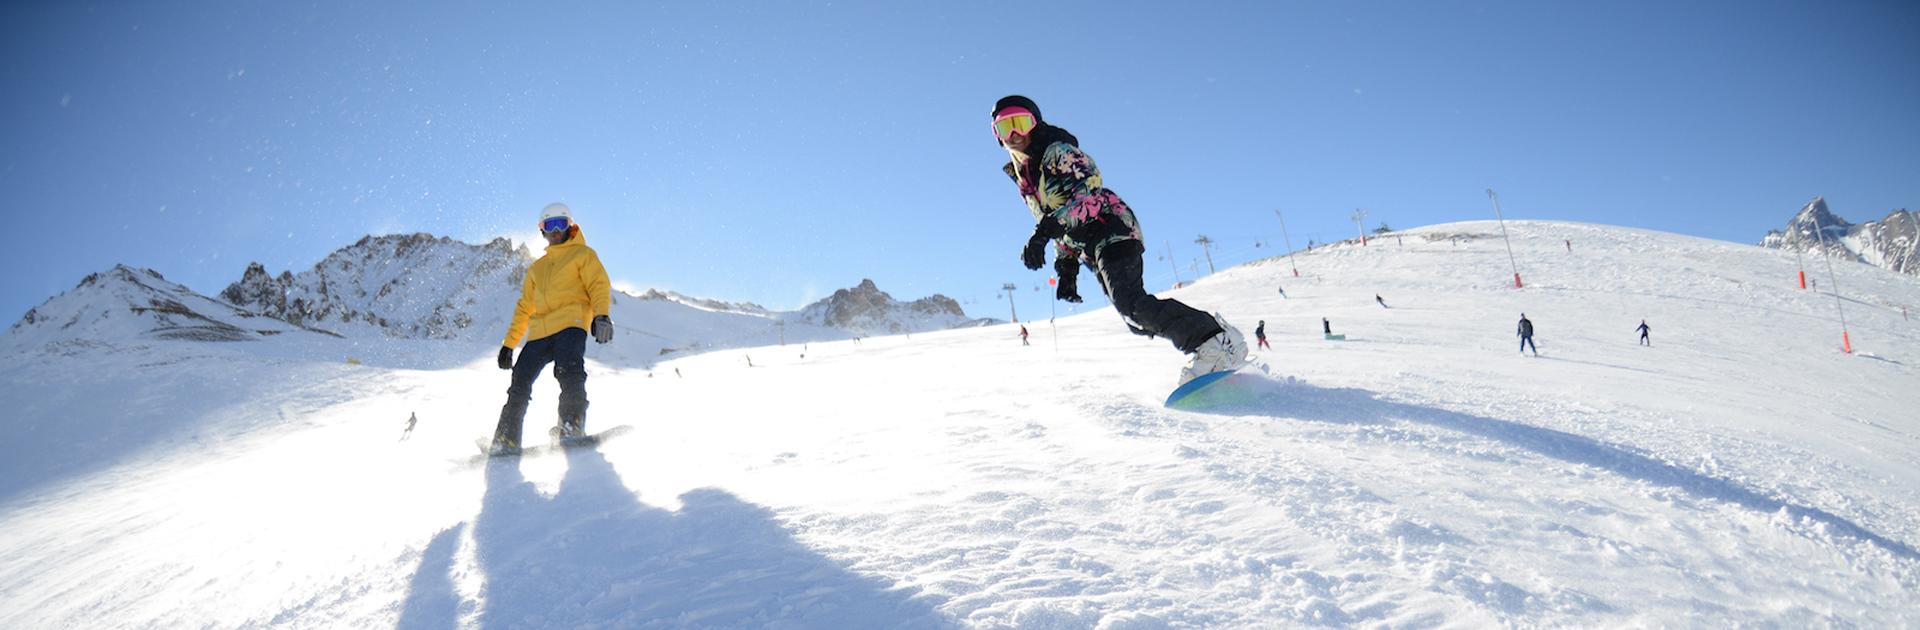 El resto de los centros de esquí aun esperan poder funcionar aunque sea un parte de la temporada